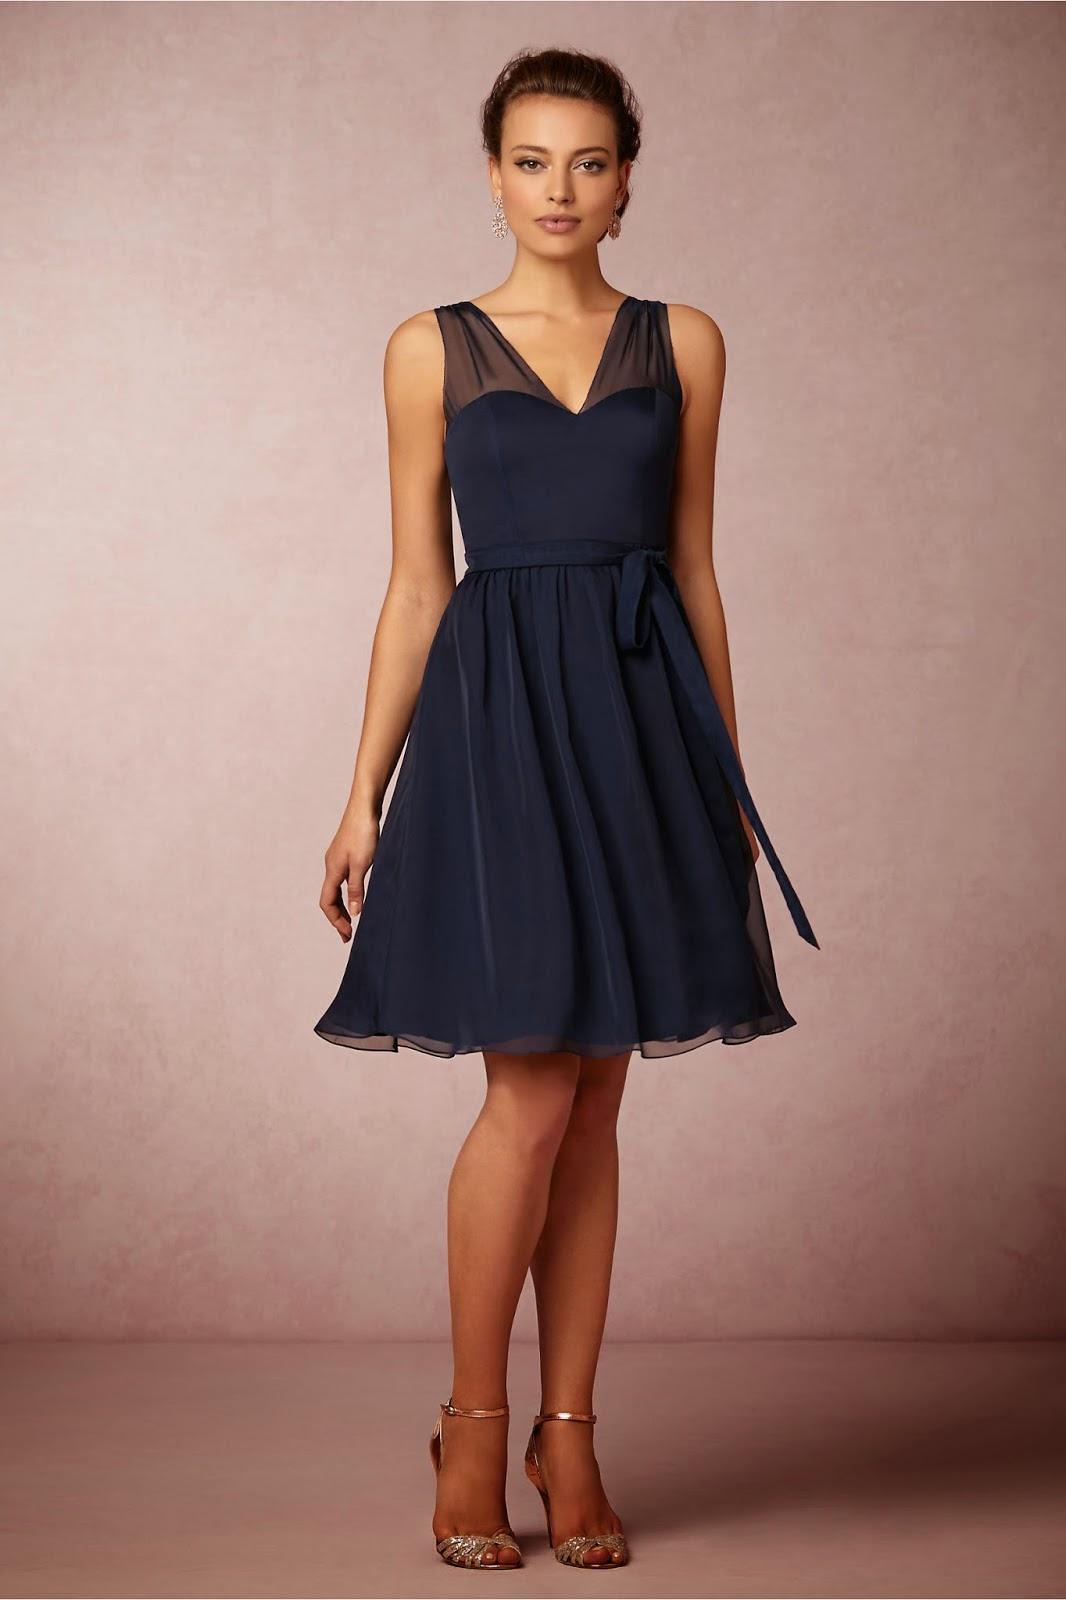 0bfb08b36e0e1 Aralarında mezuniyet elbisesi olabilecek modeller de var. Safir mavisi  tonunda, omuz kısmı transparak kumaştan yapılmış, arkadan fermuarlı bir V  yaka abiye ...